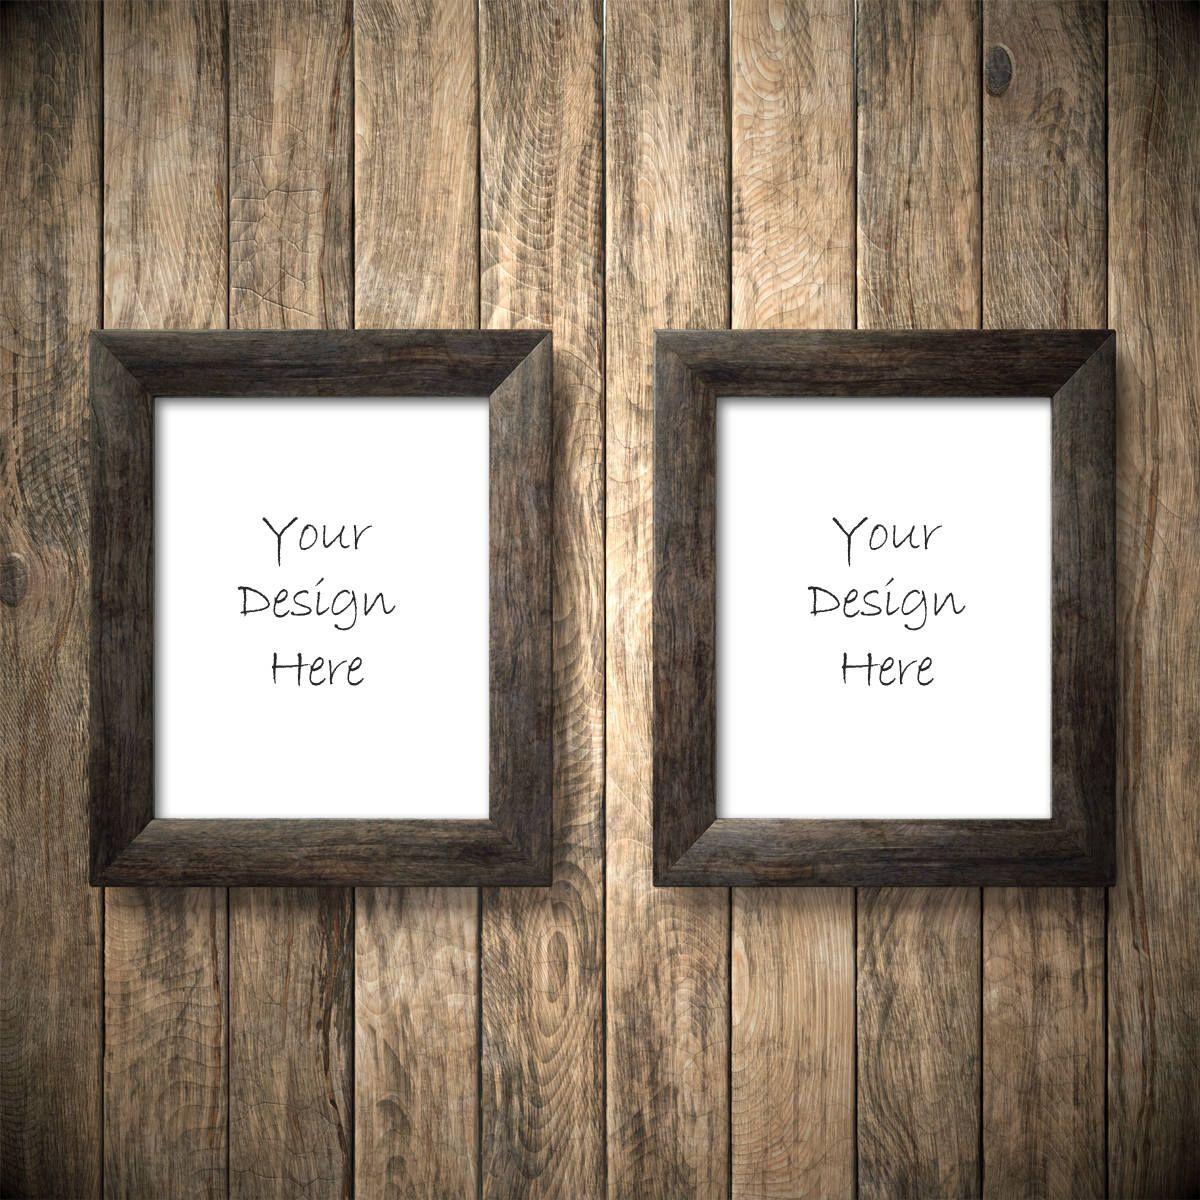 2 frame mockup, 8x10 frame mockup, rustic wood frame mockup, 2 ...